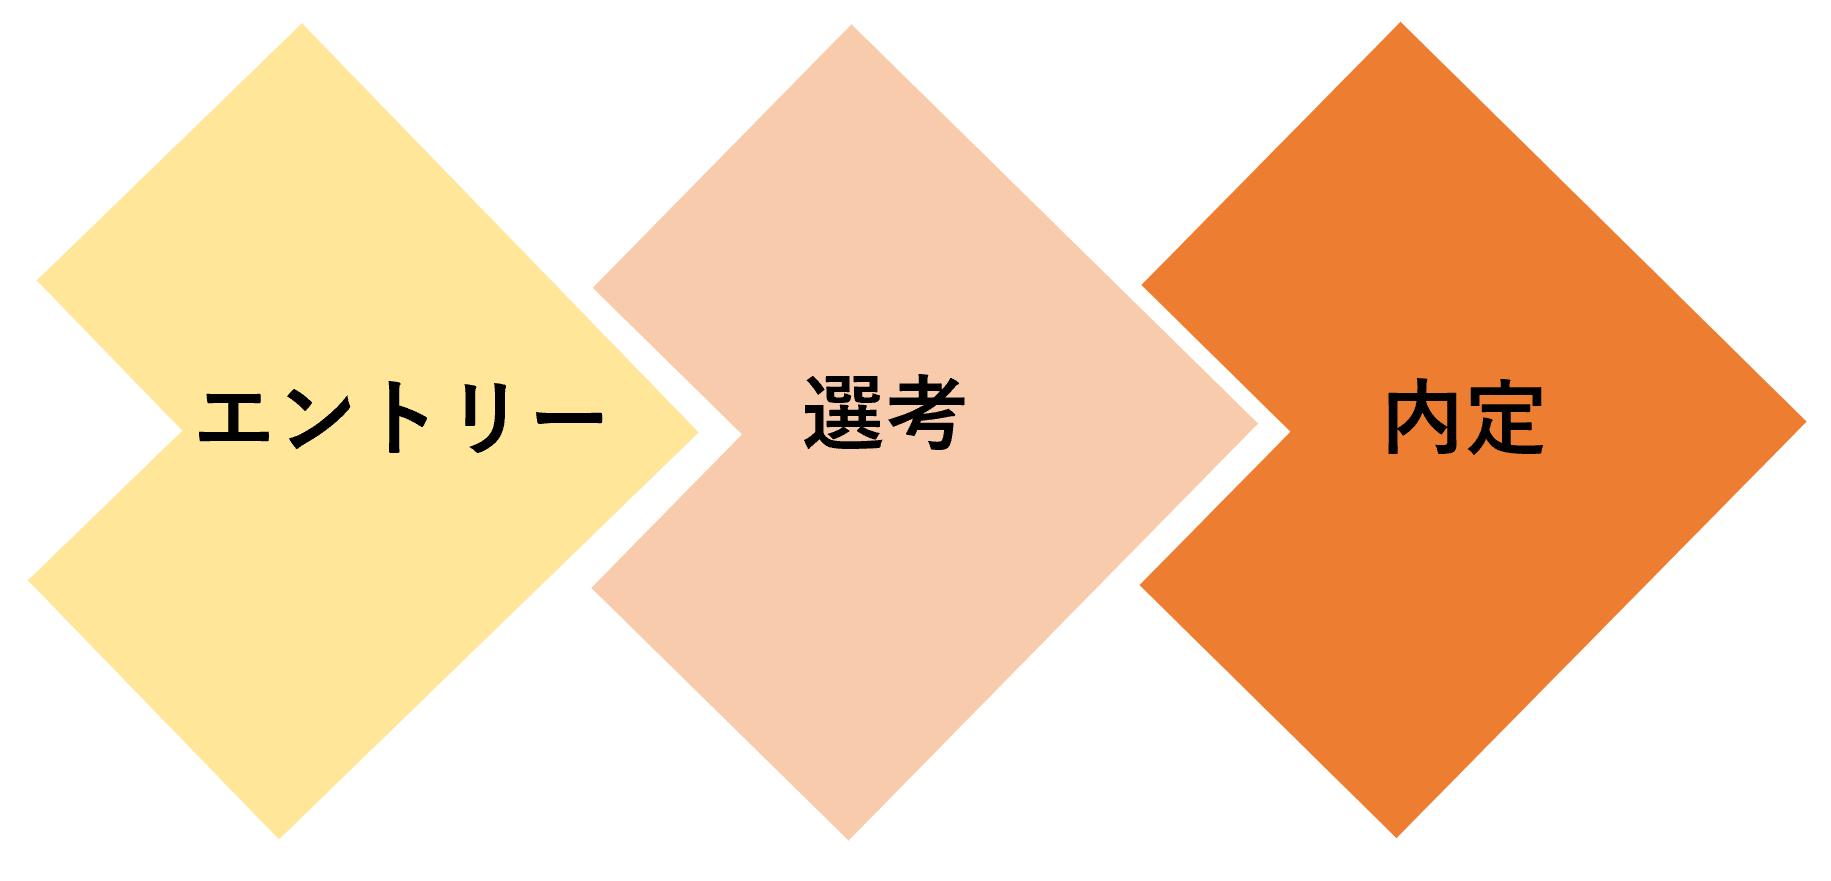 エントリー→選考→内定